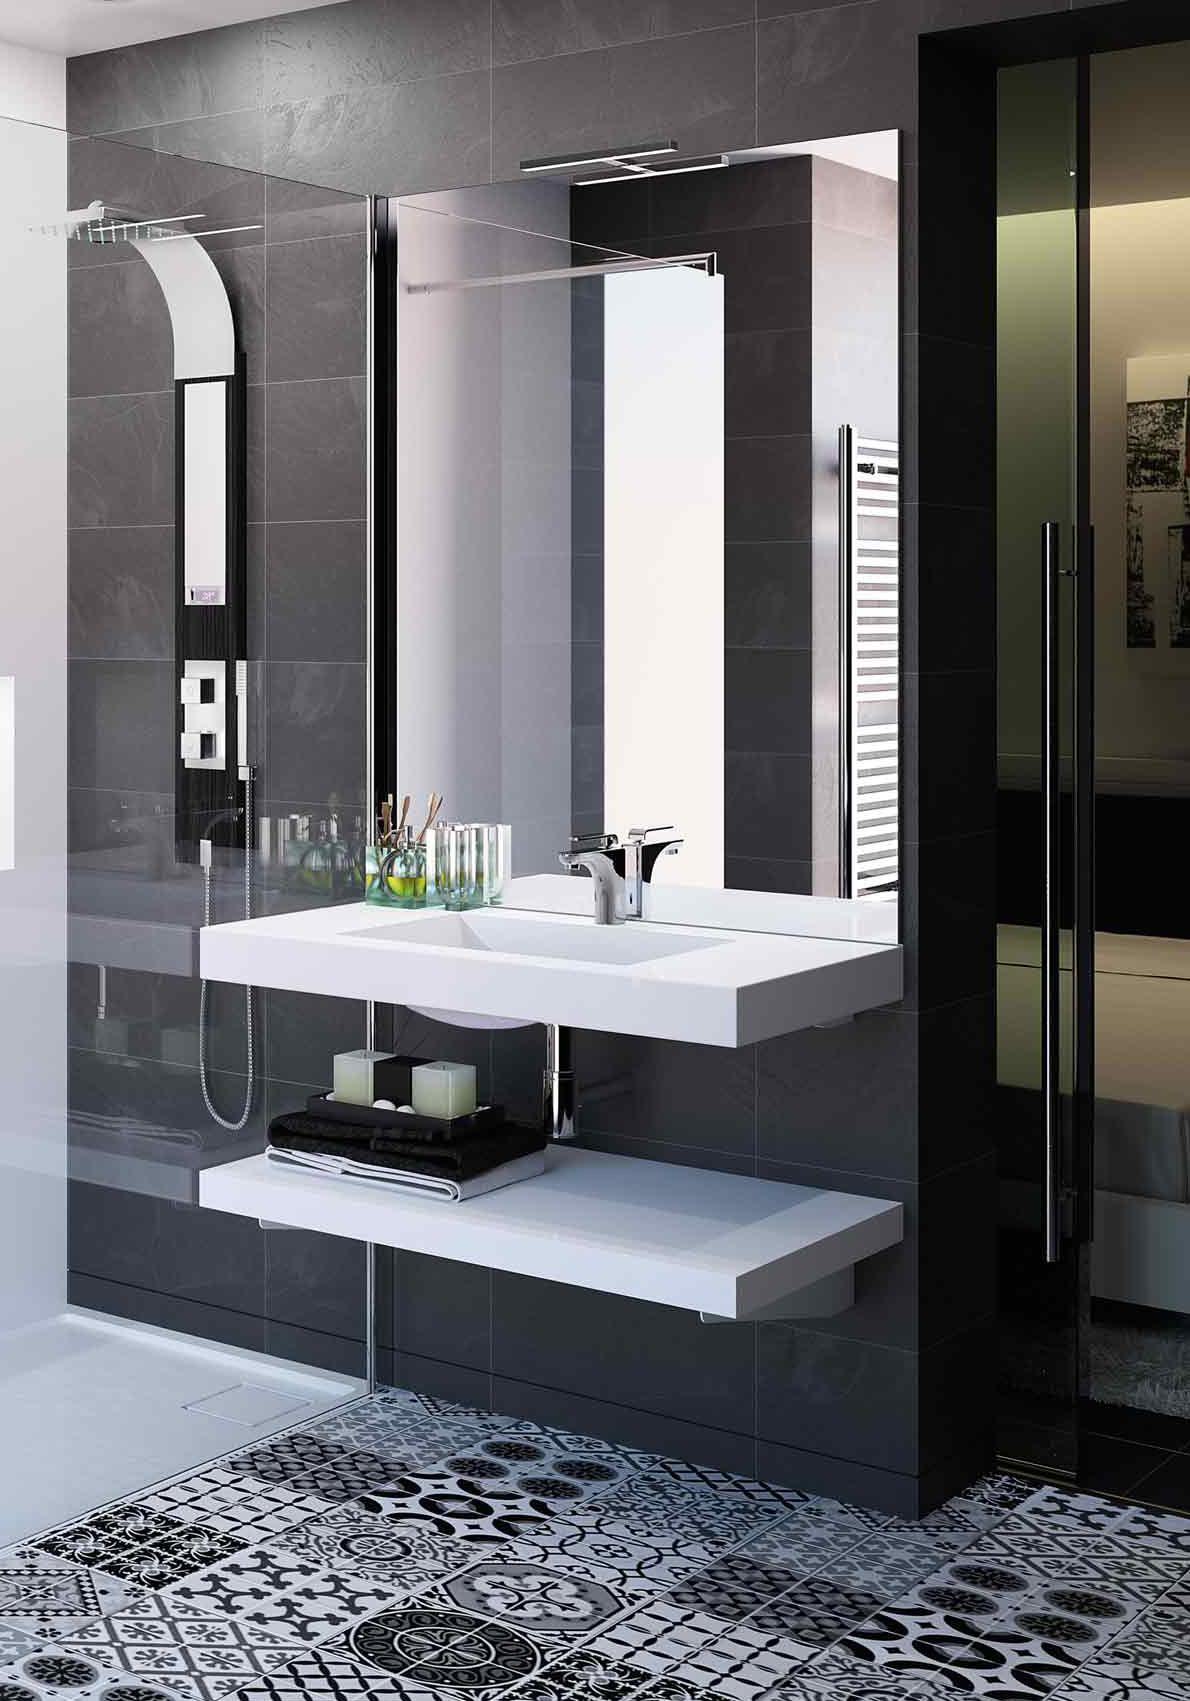 Mobilier de salle de bain Marignane, Martigues, Marseille avec AC Agencement